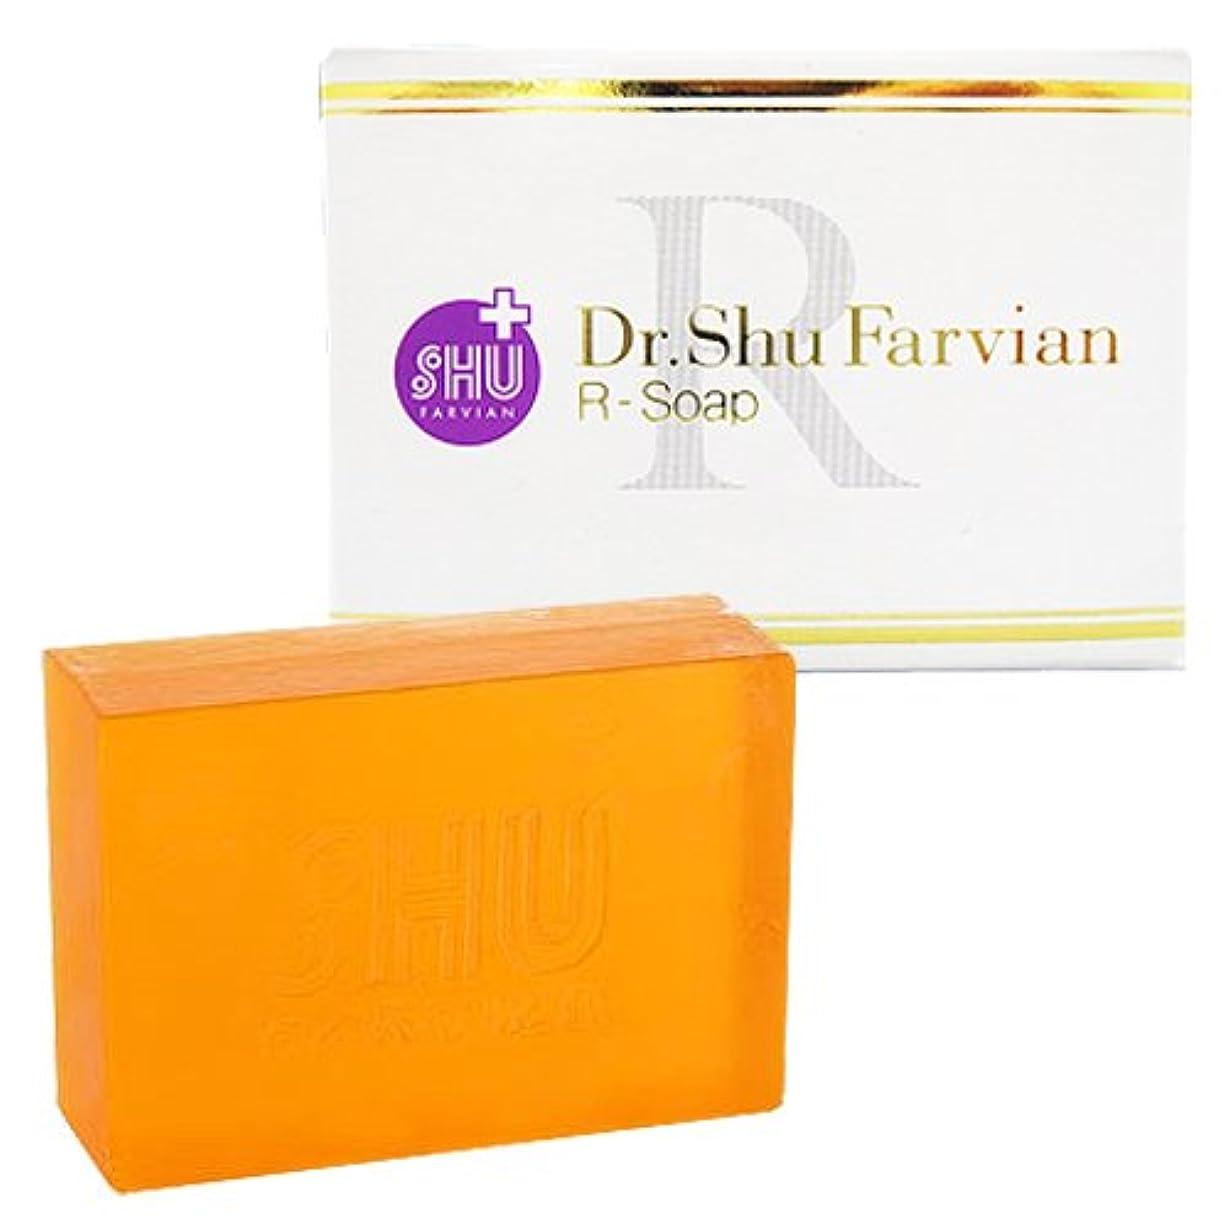 リッチ極端なモッキンバードドクターシュウファビアン(Dr.Shu Farvian) 【シュウファビアン】Rソープ 100g